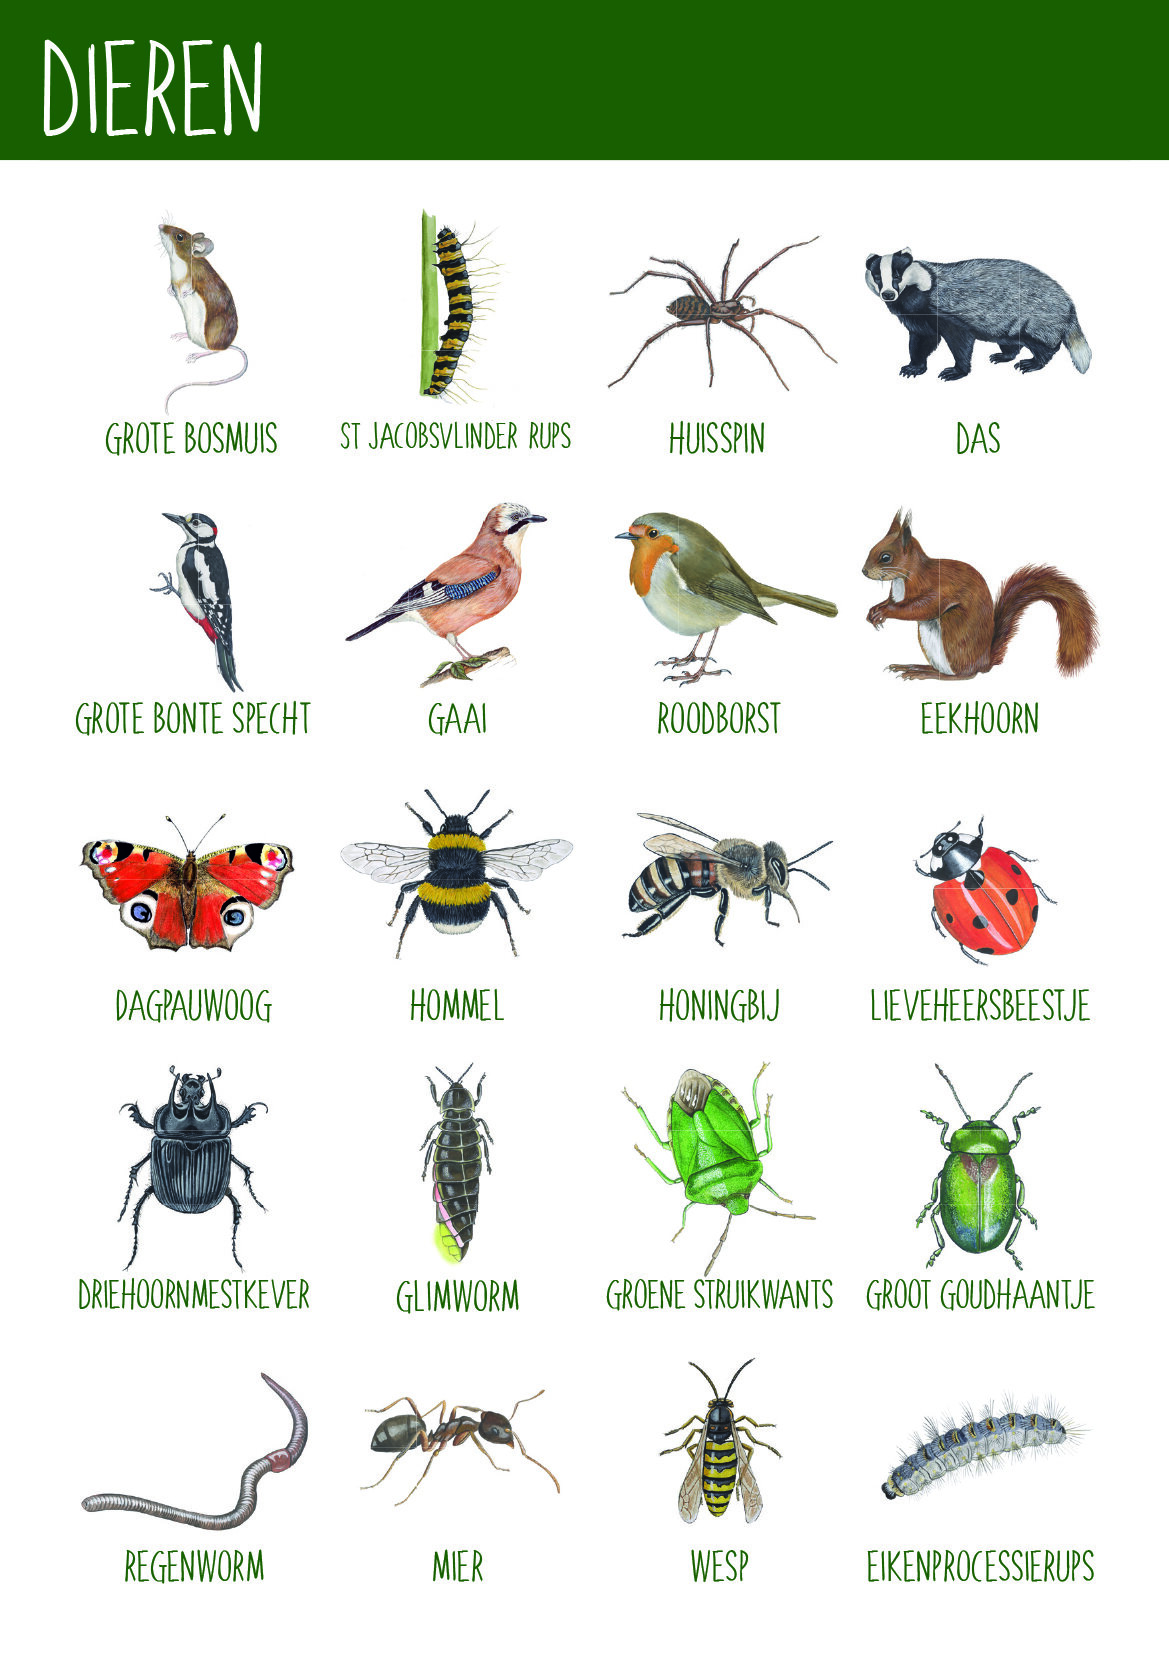 Afbeelding dieren BomenPaspoort - Natuureducatie